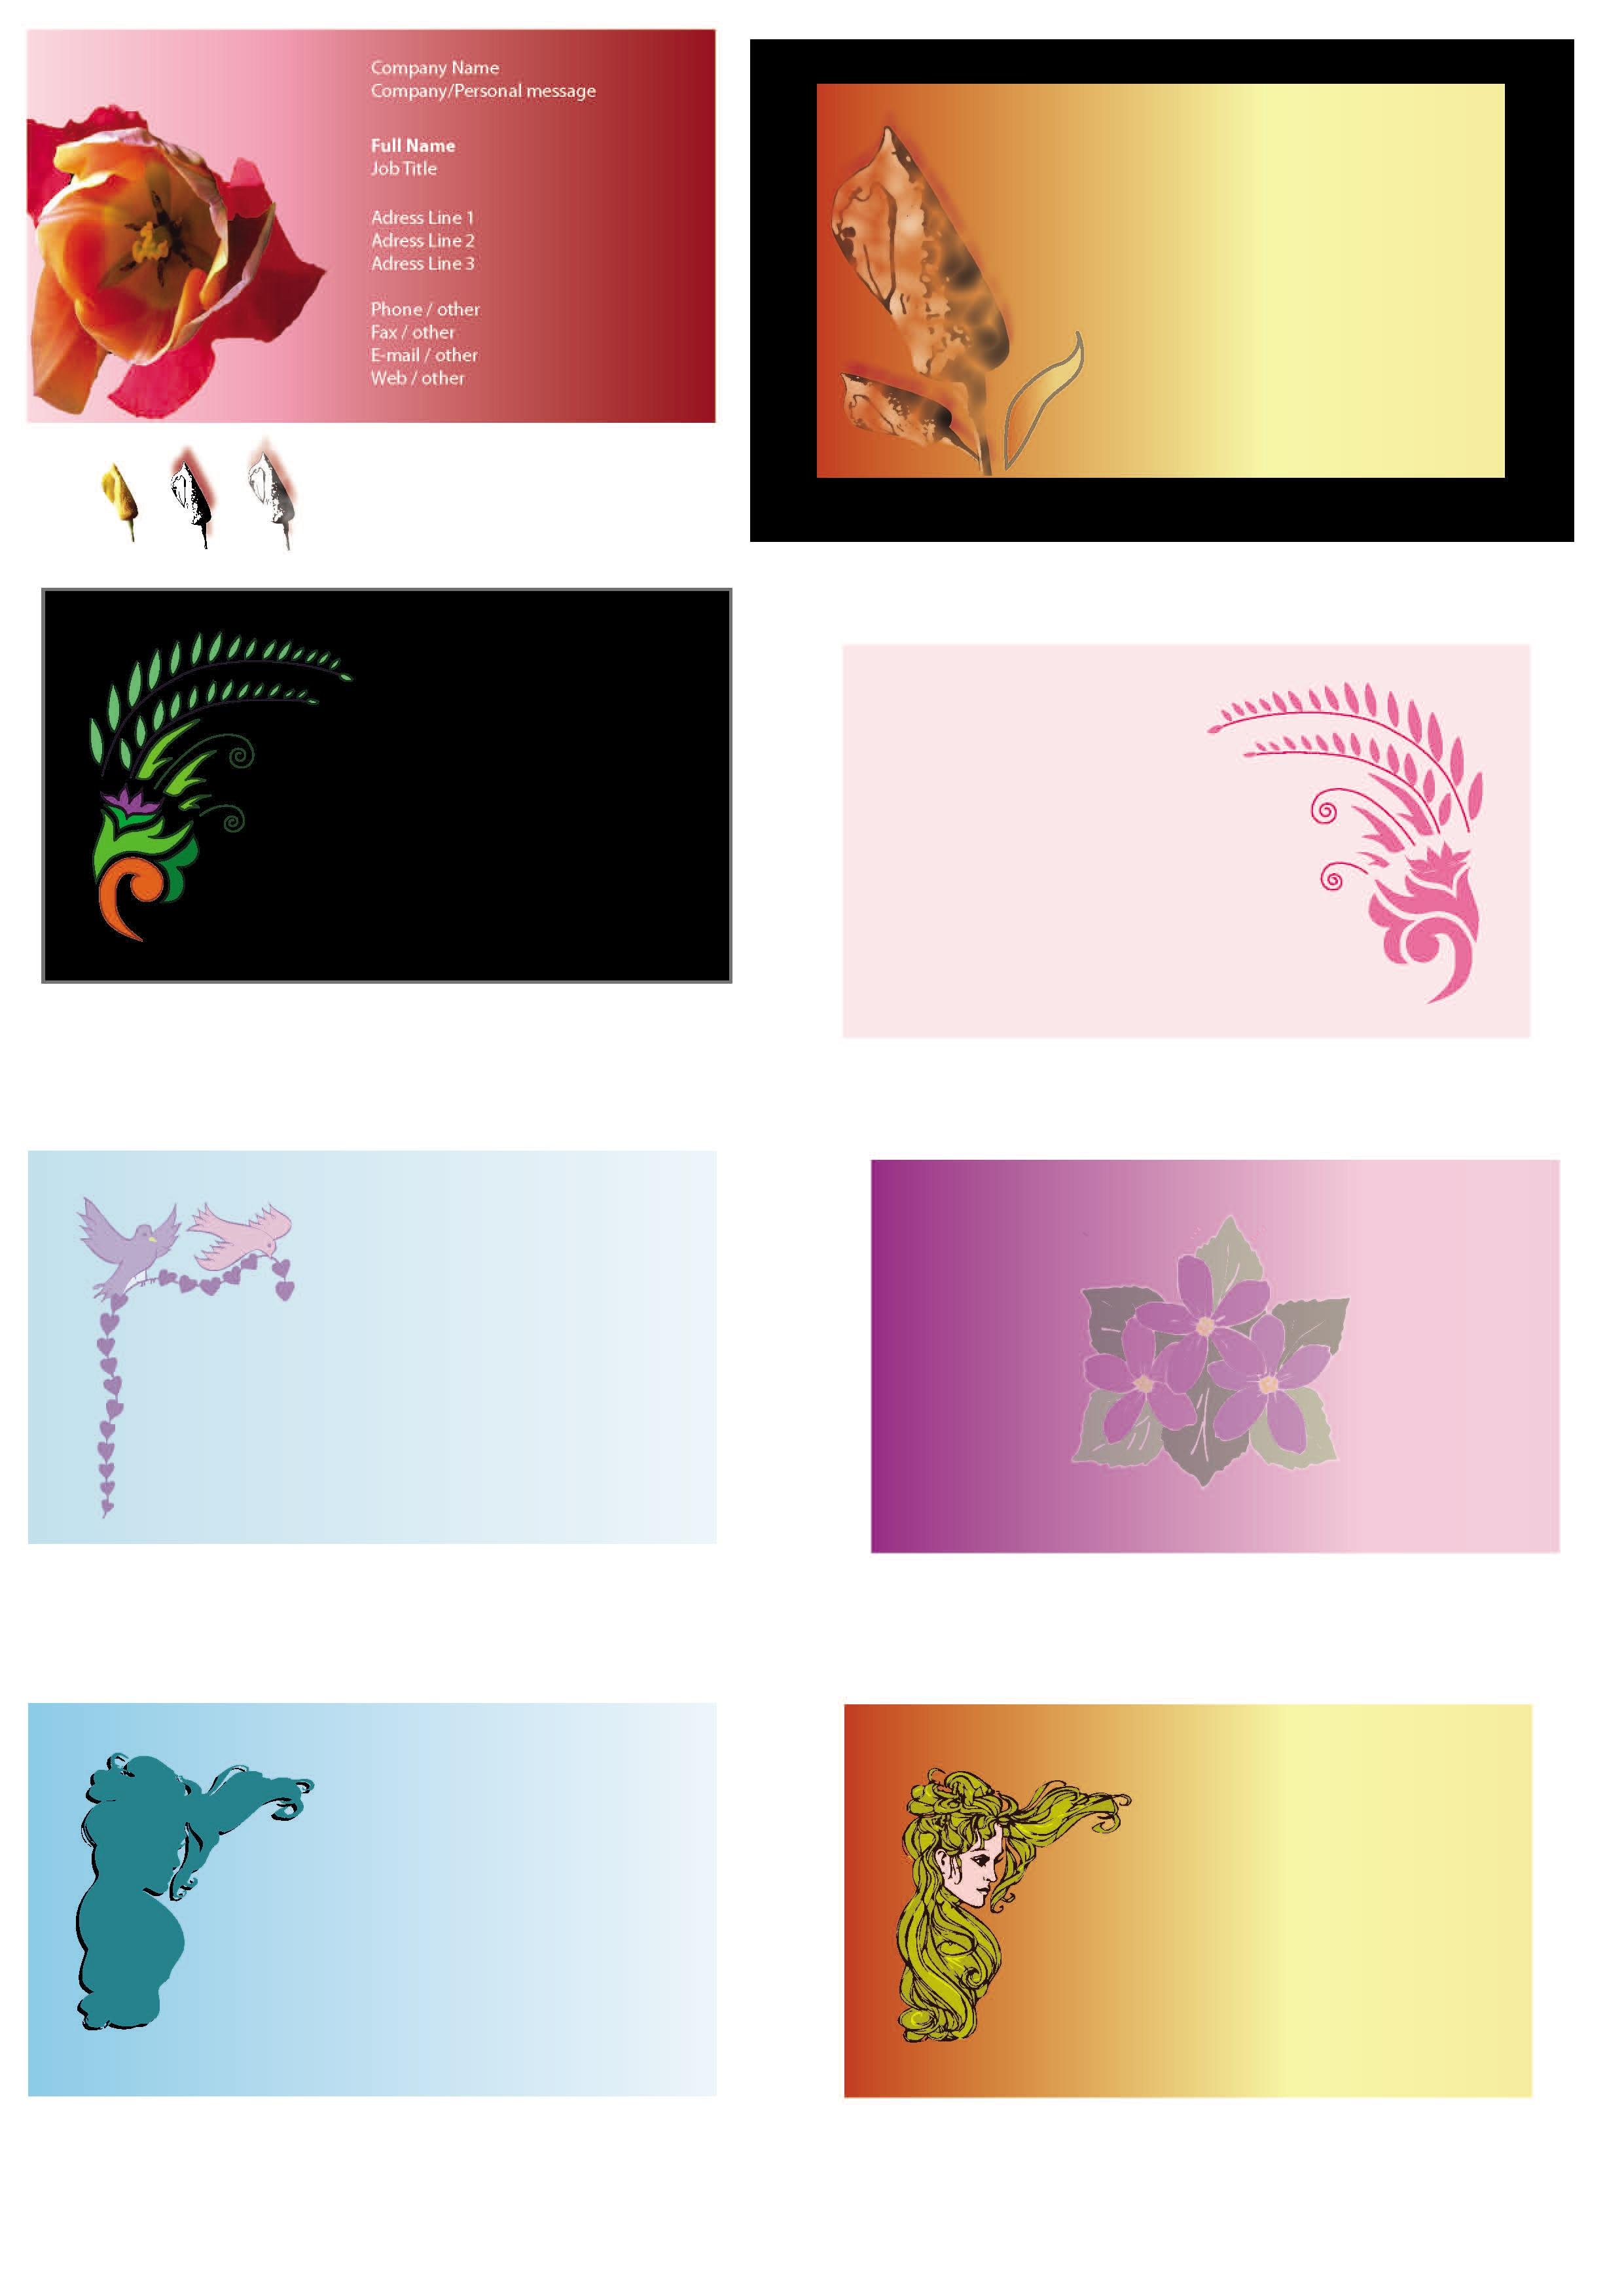 Visiting Cards Design Samples